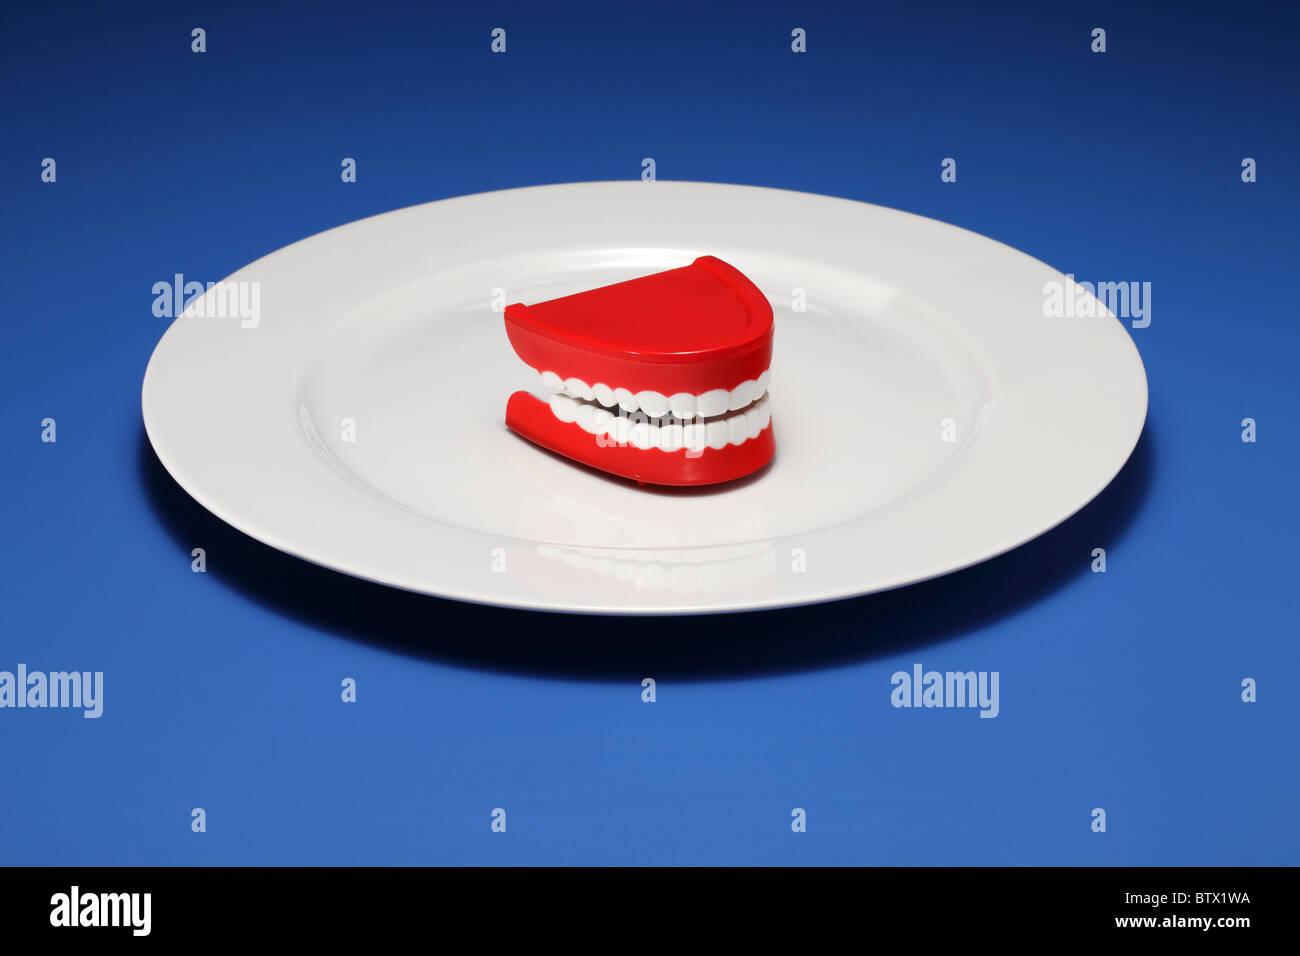 Un jeu de gencives et les dents en plastique sur une assiette blanche Photo Stock